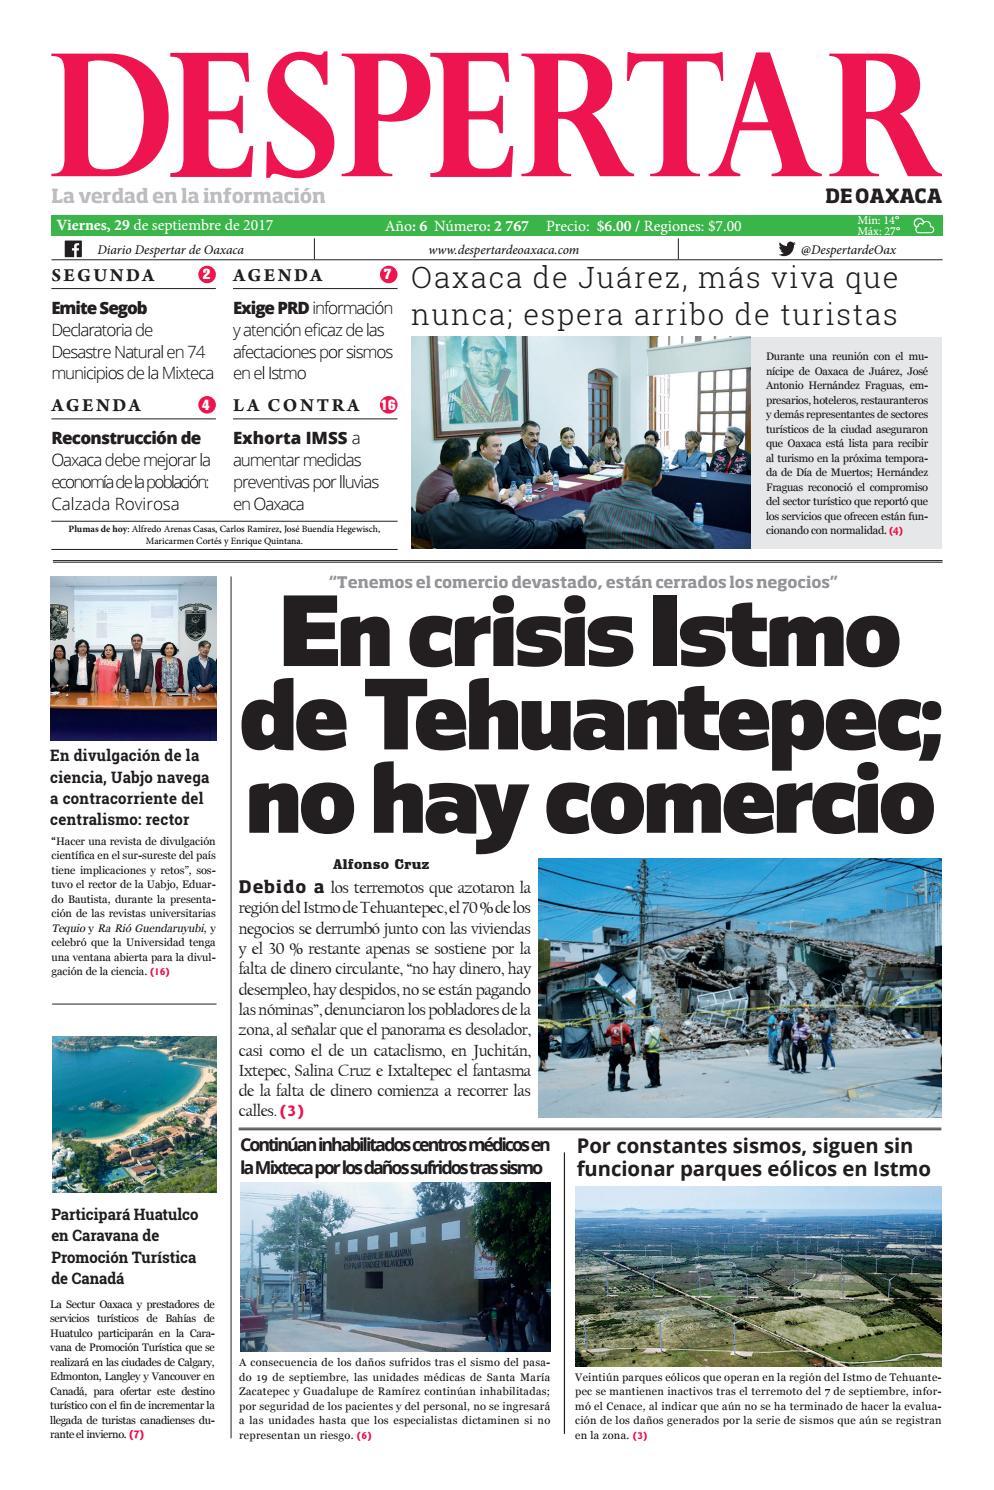 Despertar 29 de septiembre 2017 by Despertar de Oaxaca - issuu